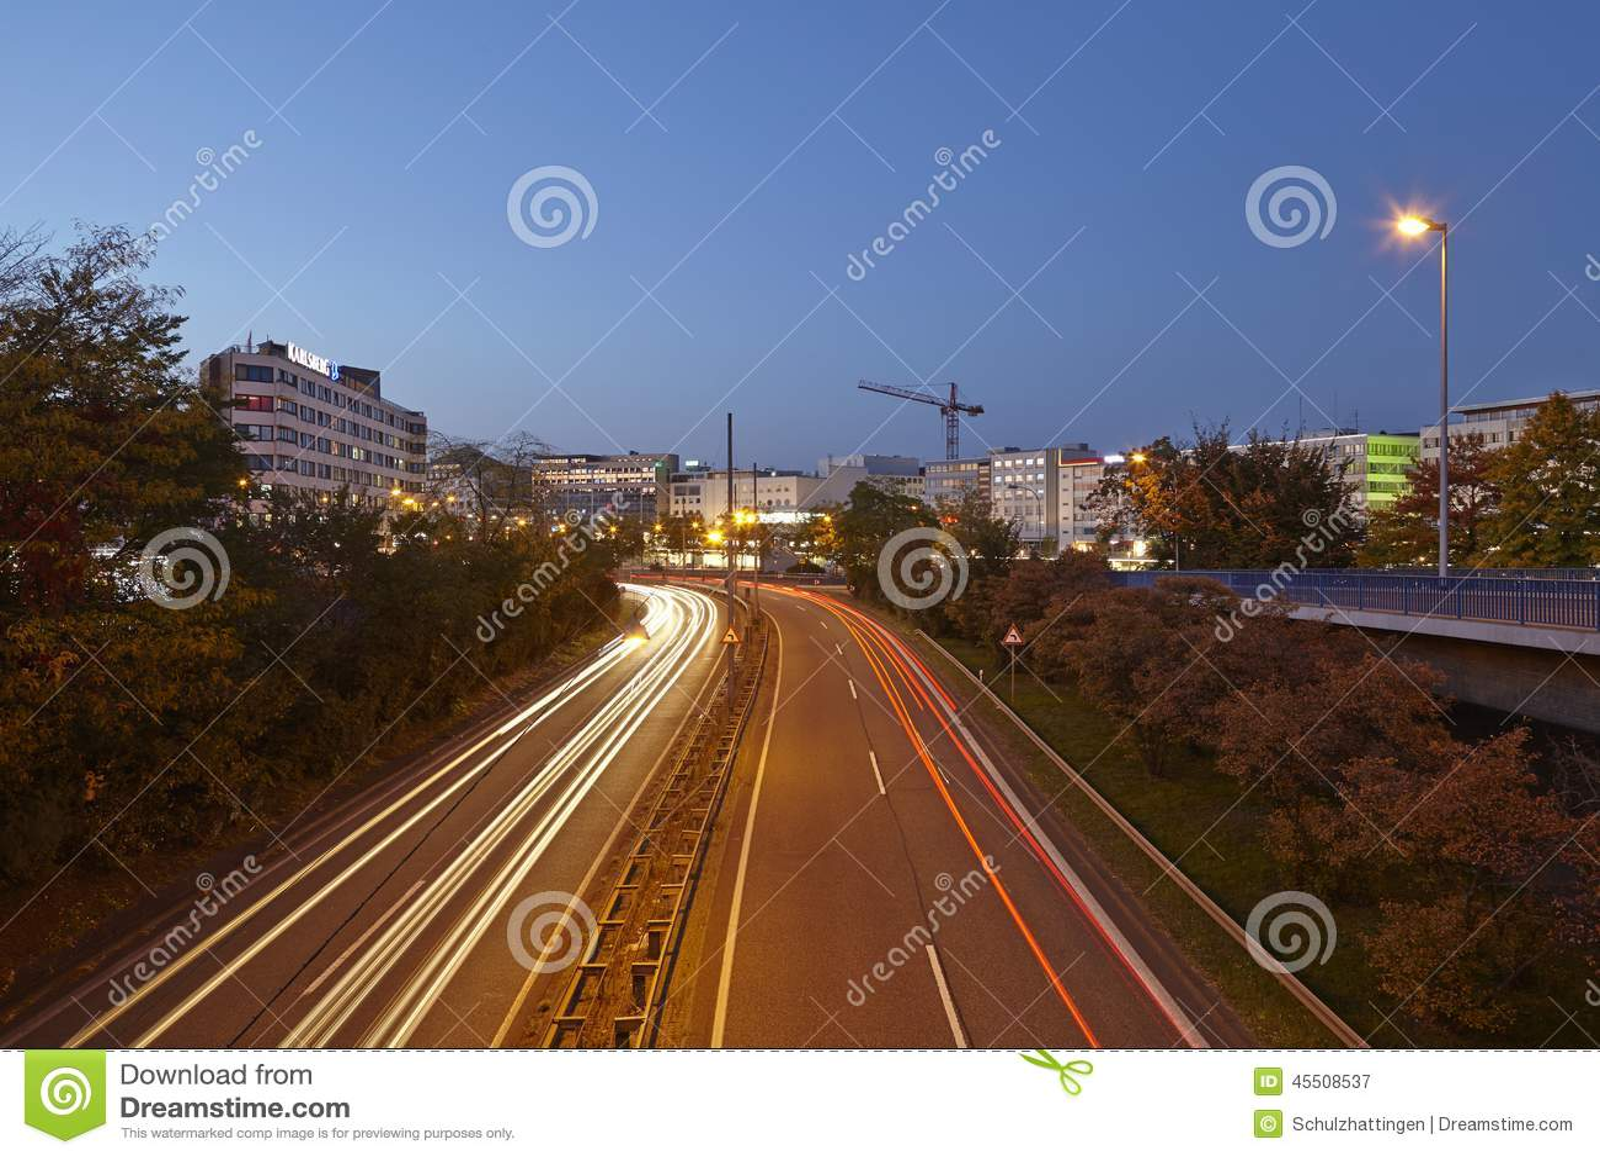 Saarbruecken - miasto autostrada w błękitnej godzinie